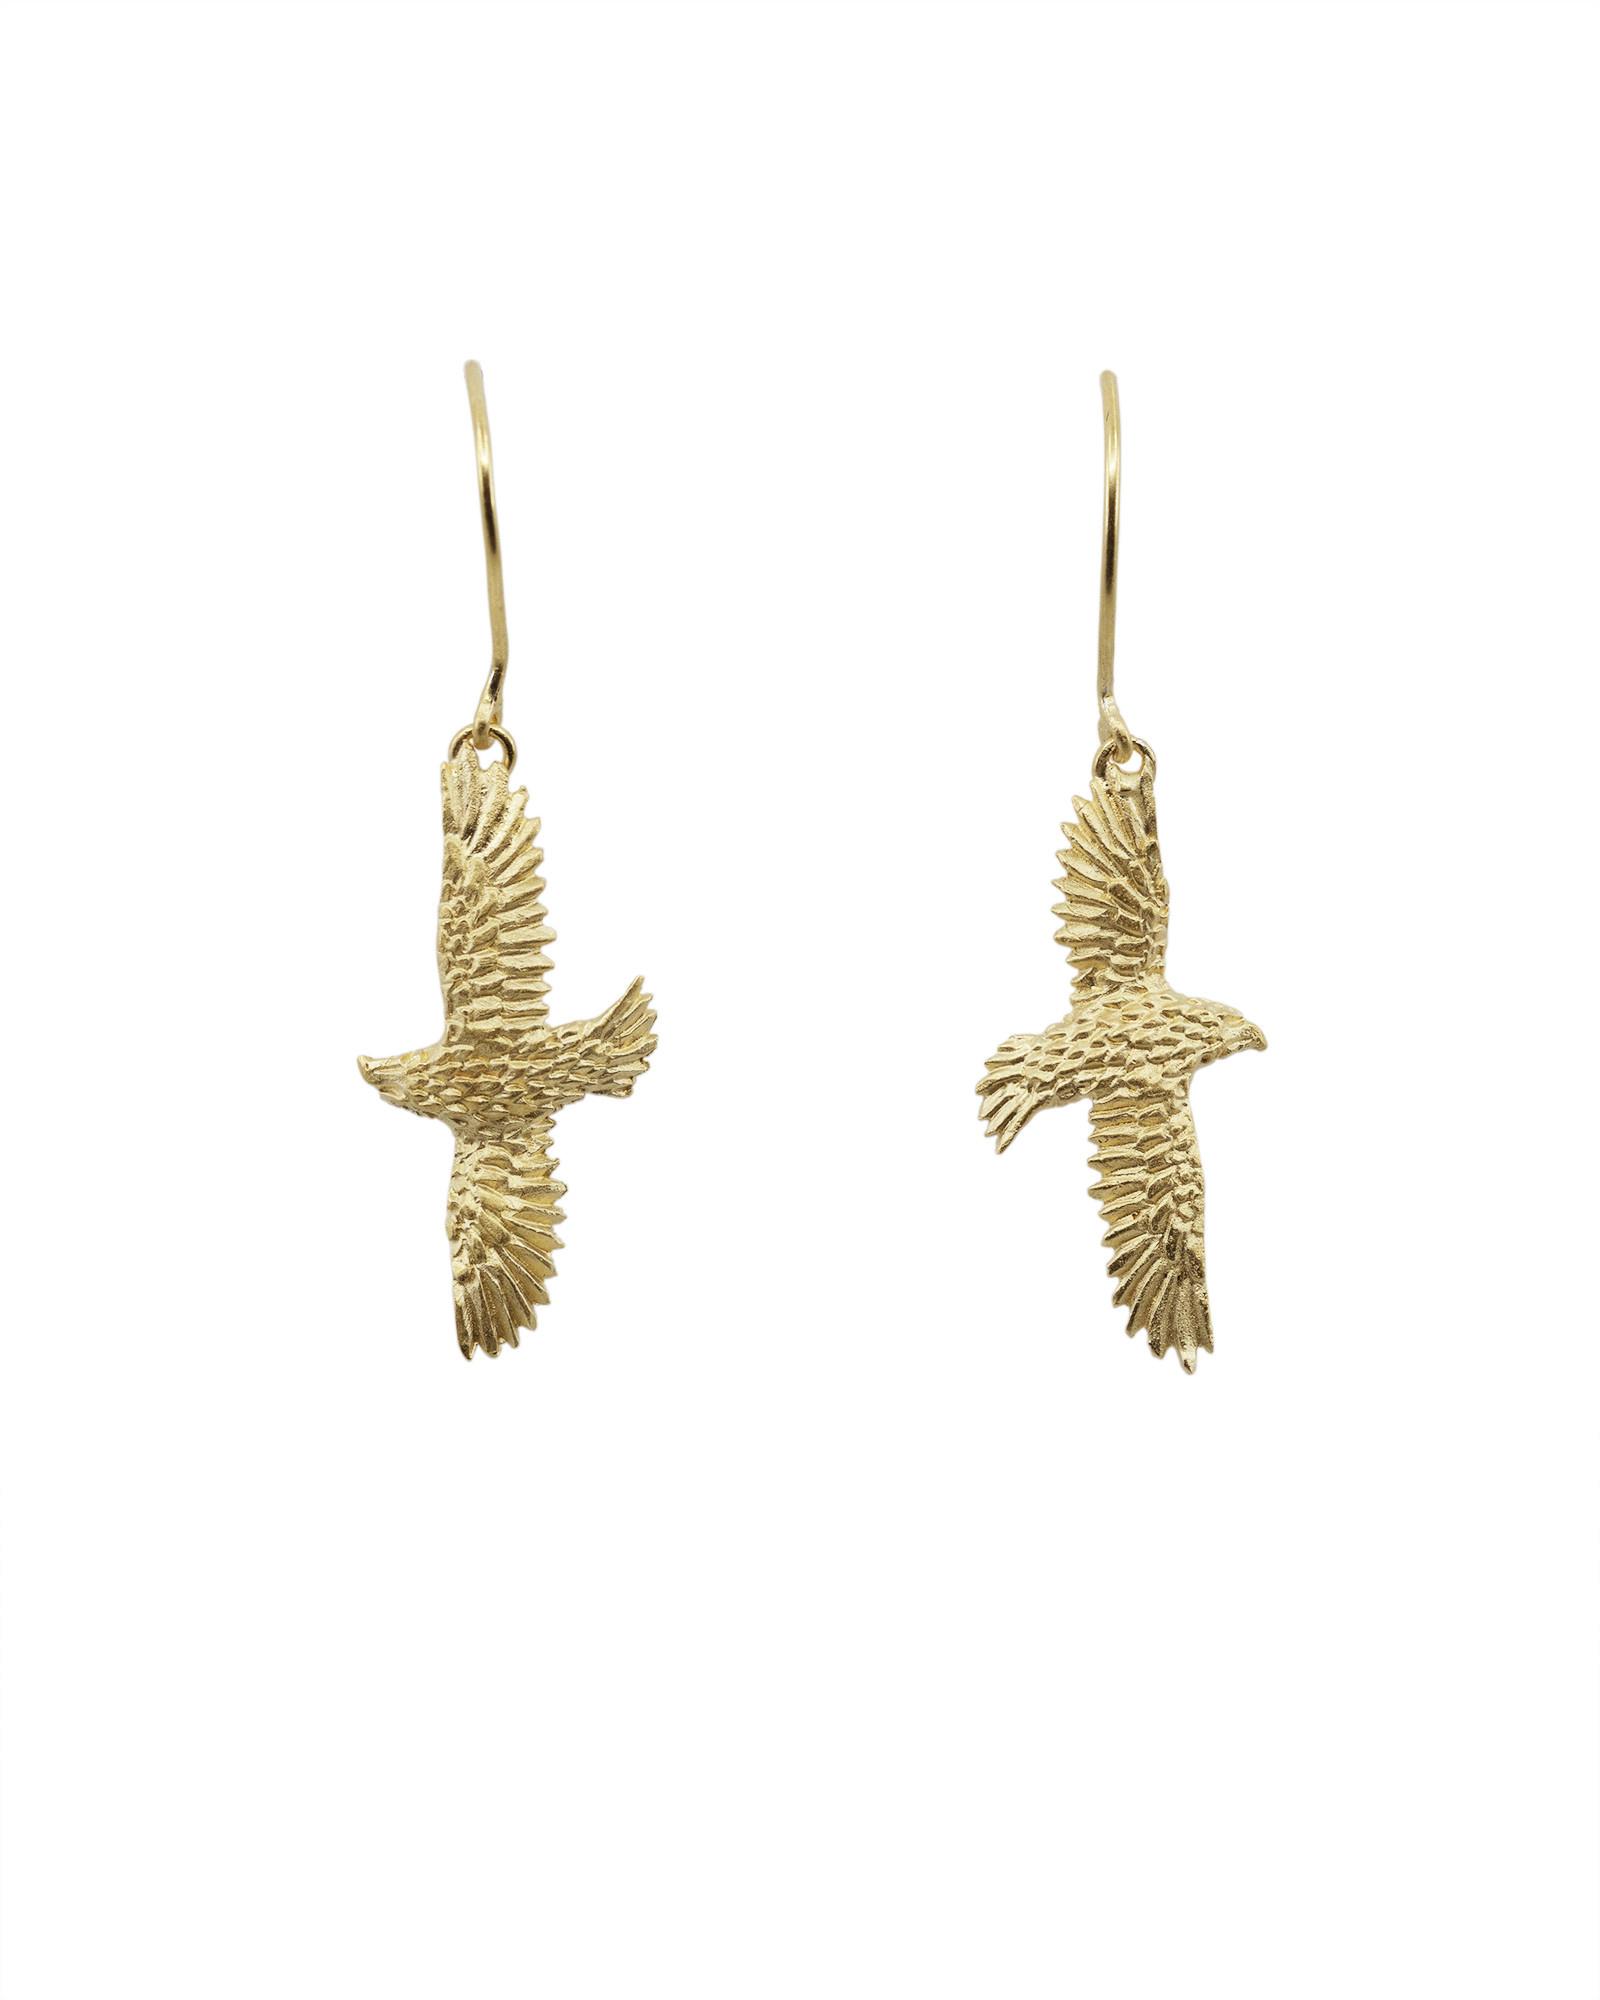 HBJ Gold Plated Hawk Earrings